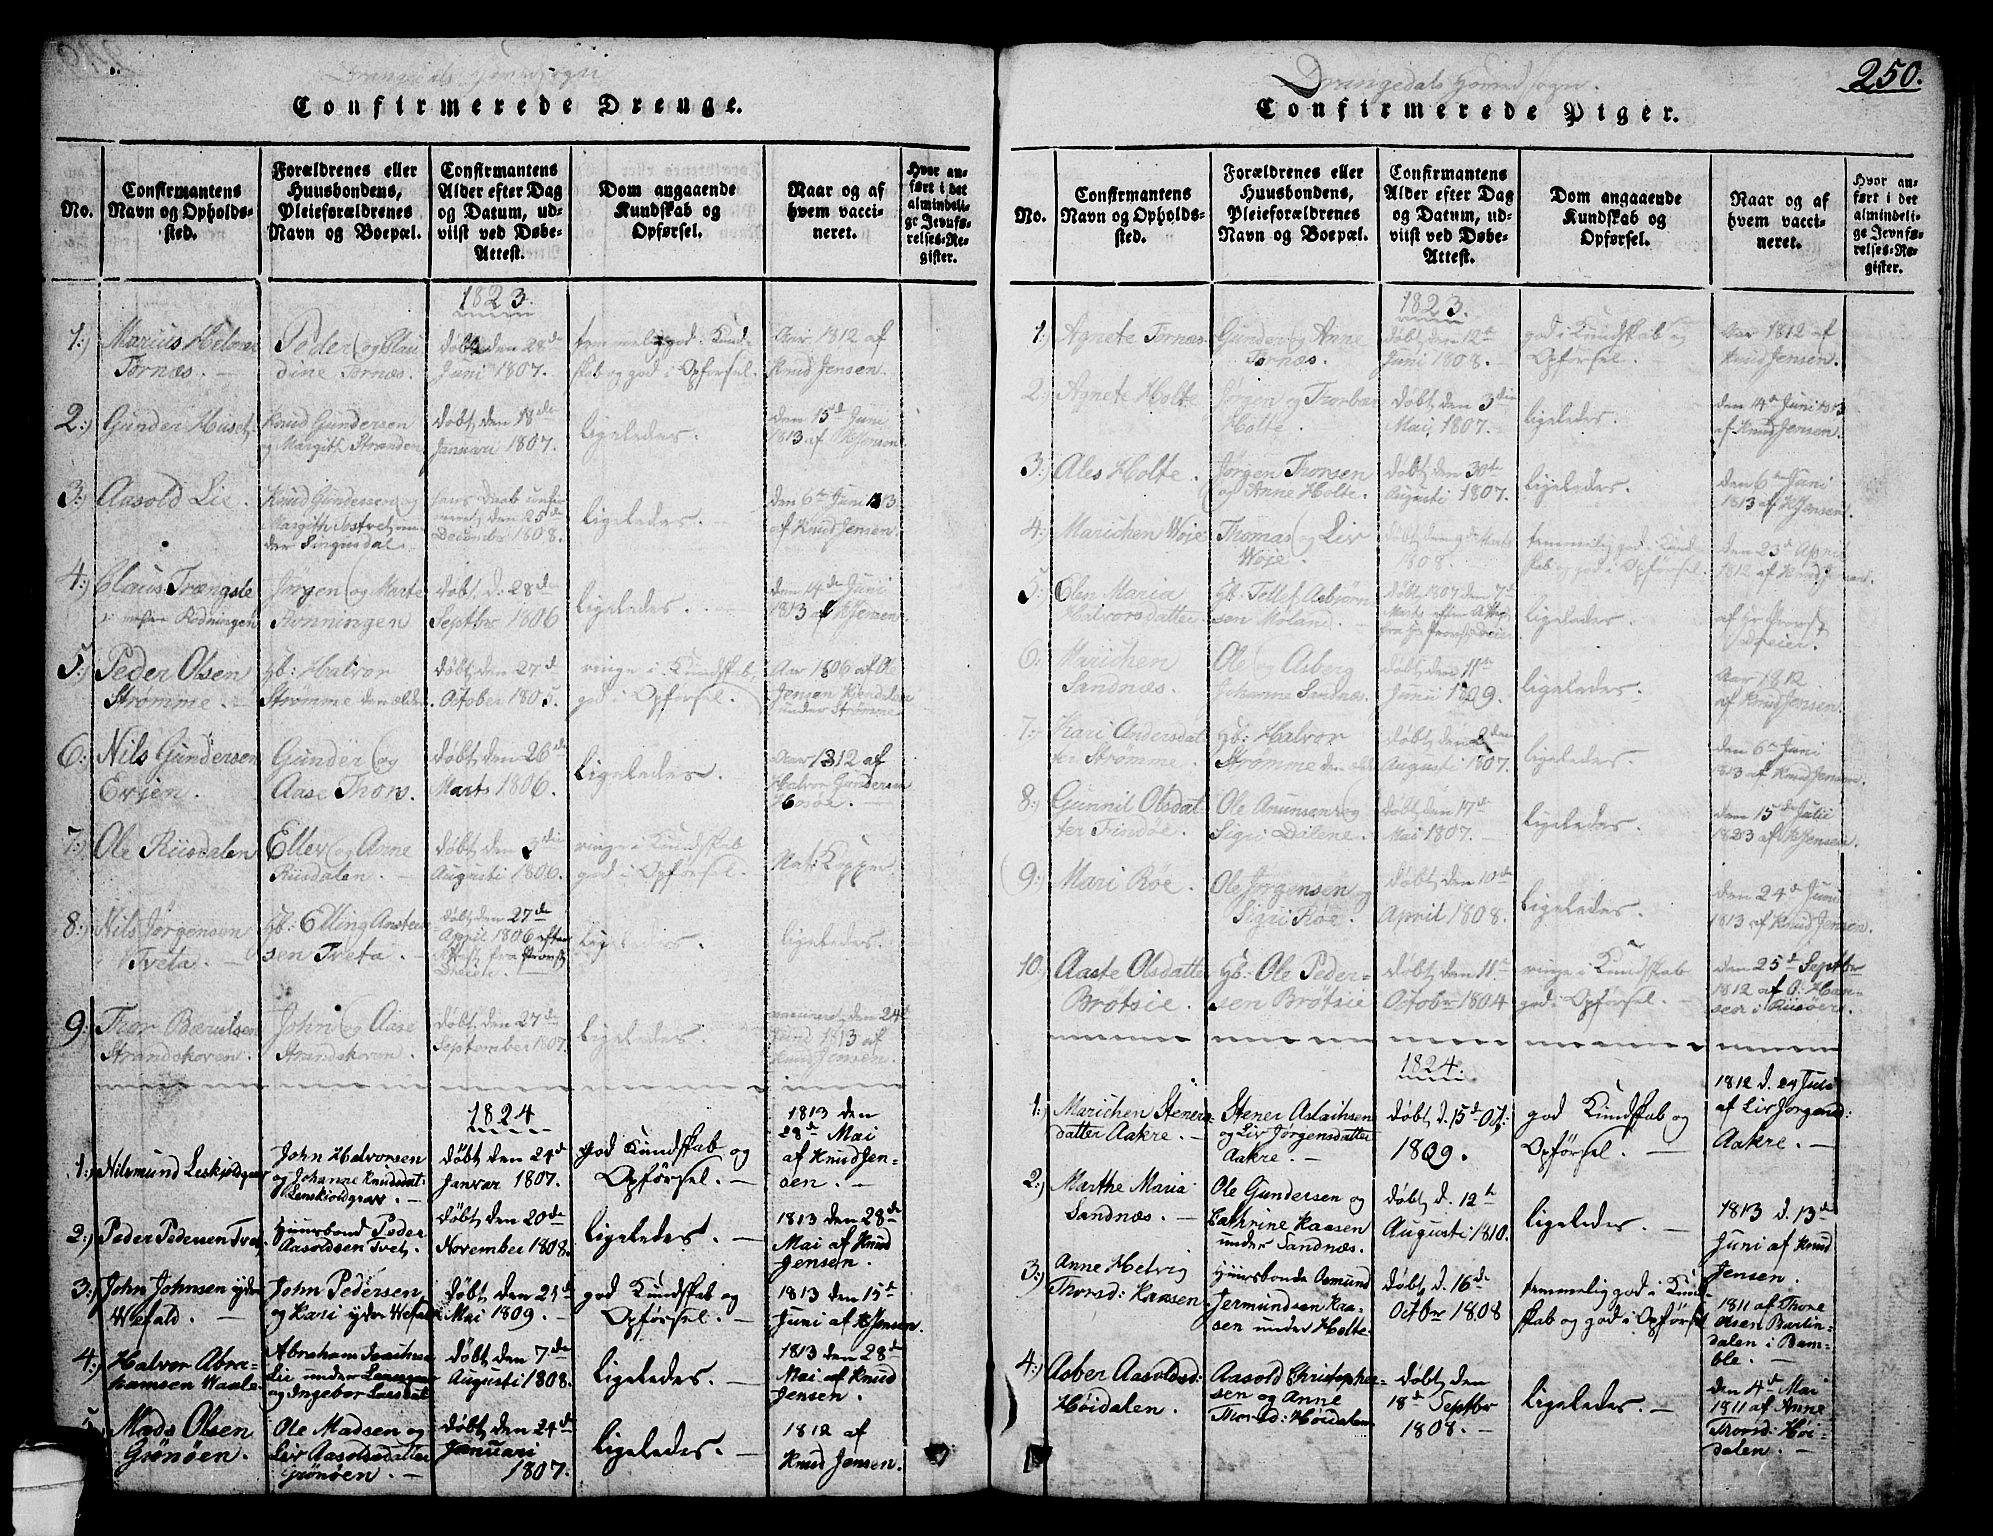 SAKO, Drangedal kirkebøker, G/Ga/L0001: Klokkerbok nr. I 1 /1, 1814-1856, s. 250